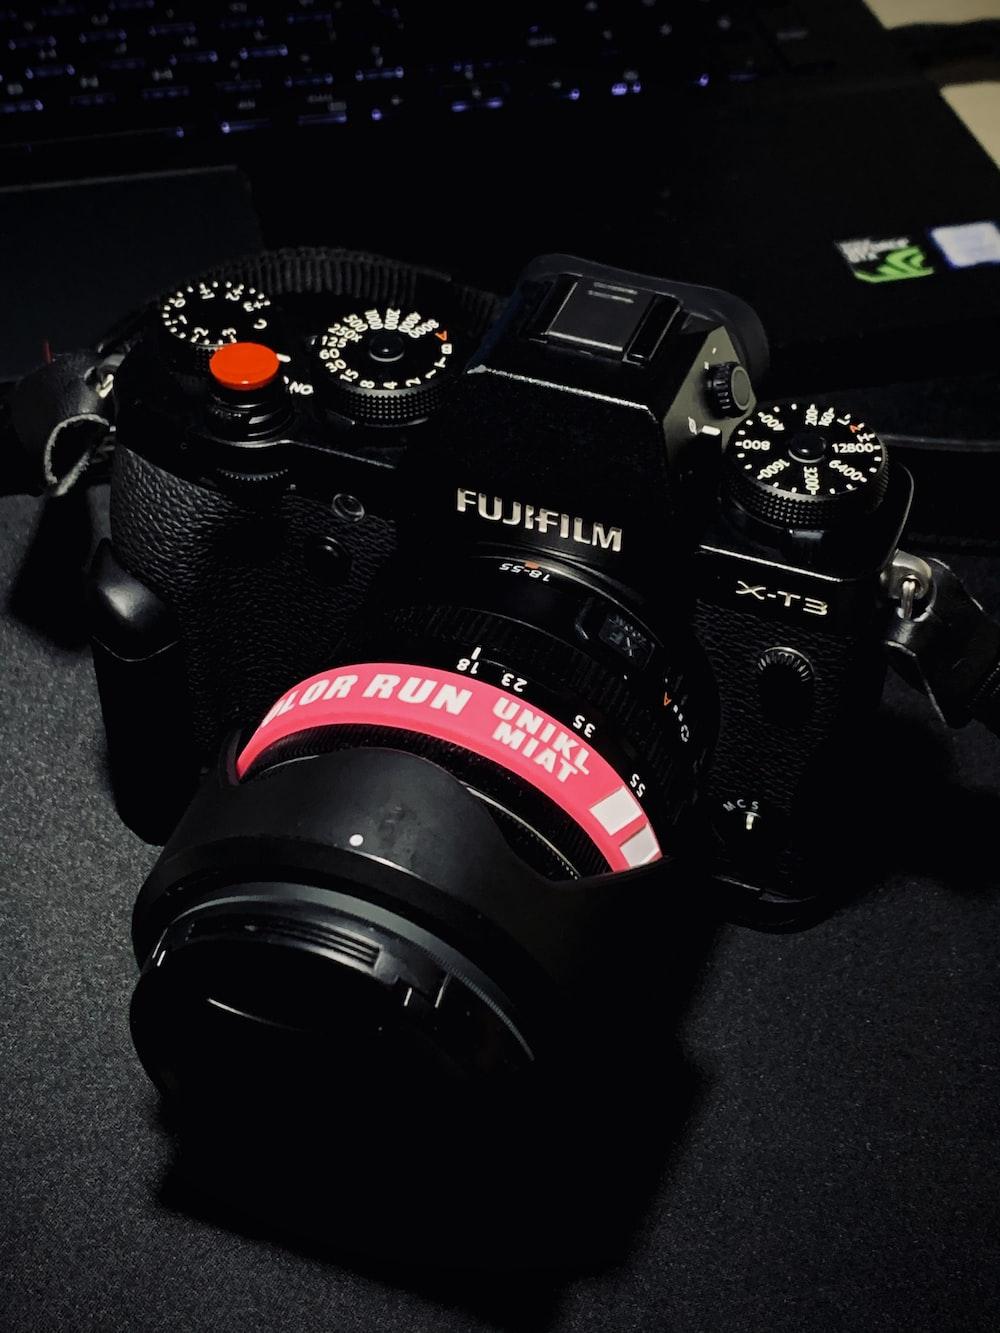 black nikon dslr camera on gray textile